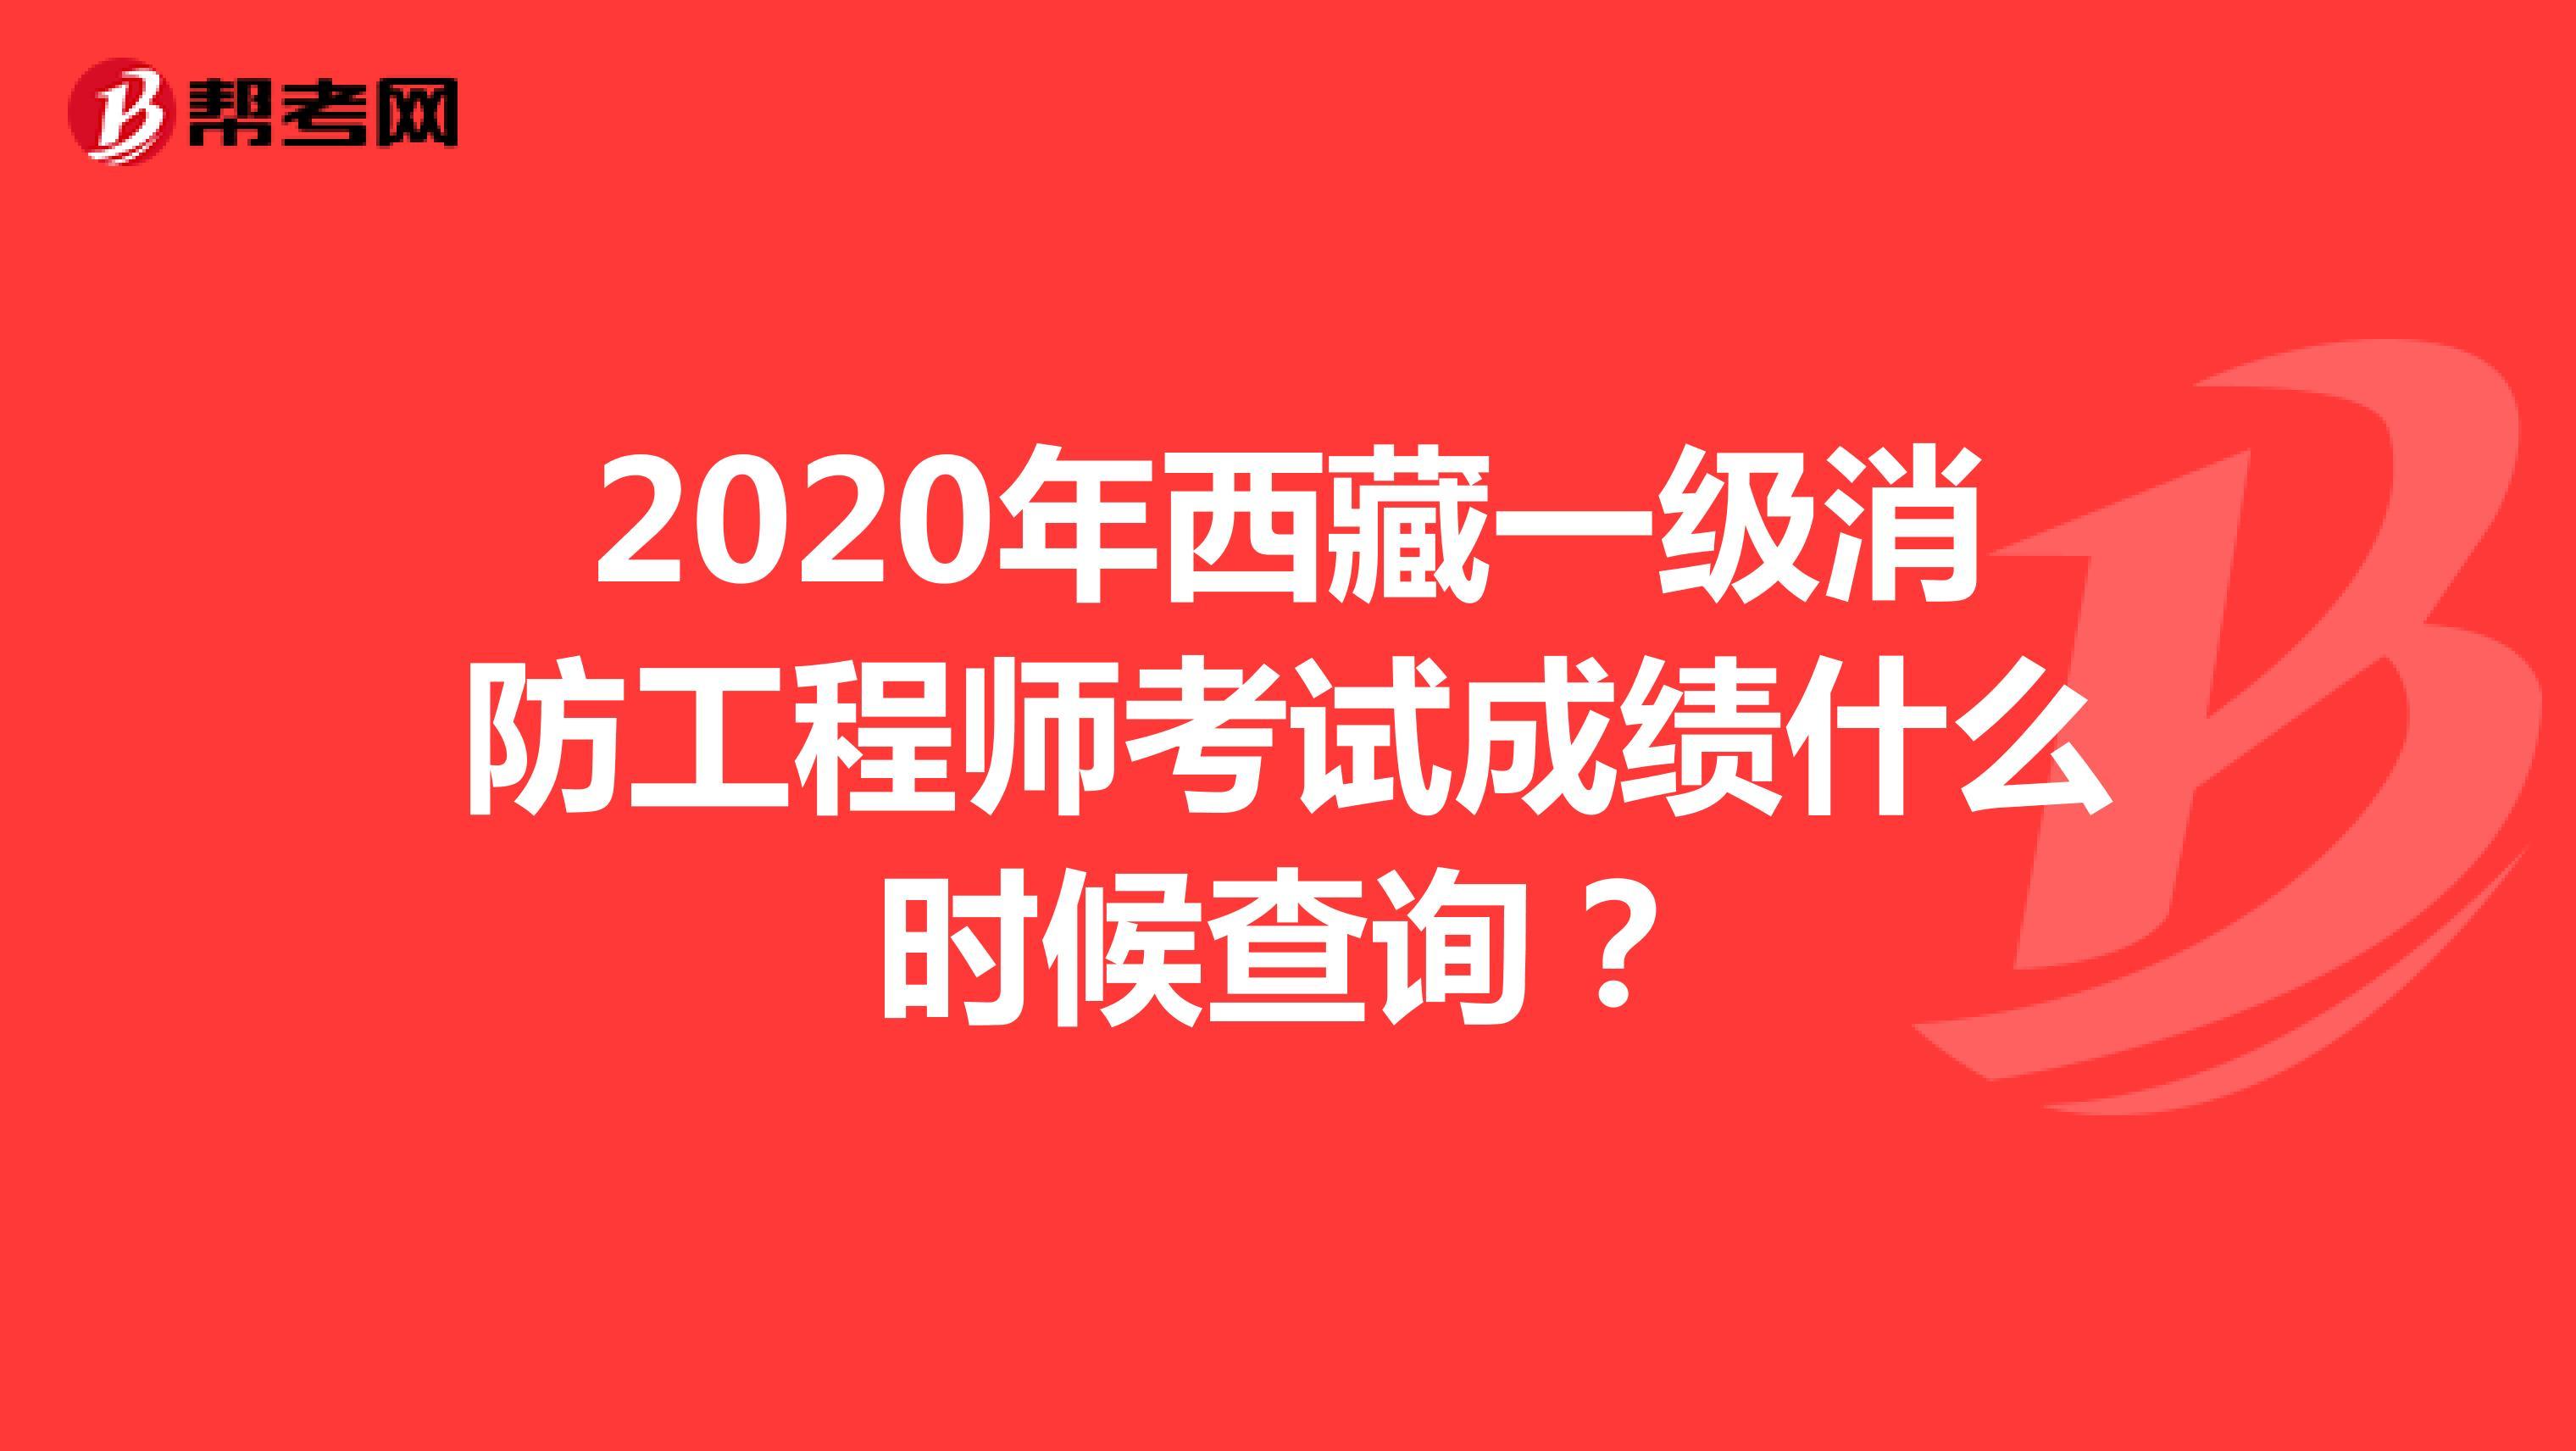 2020年西藏一级消防工程师考试成绩什么时候查询?